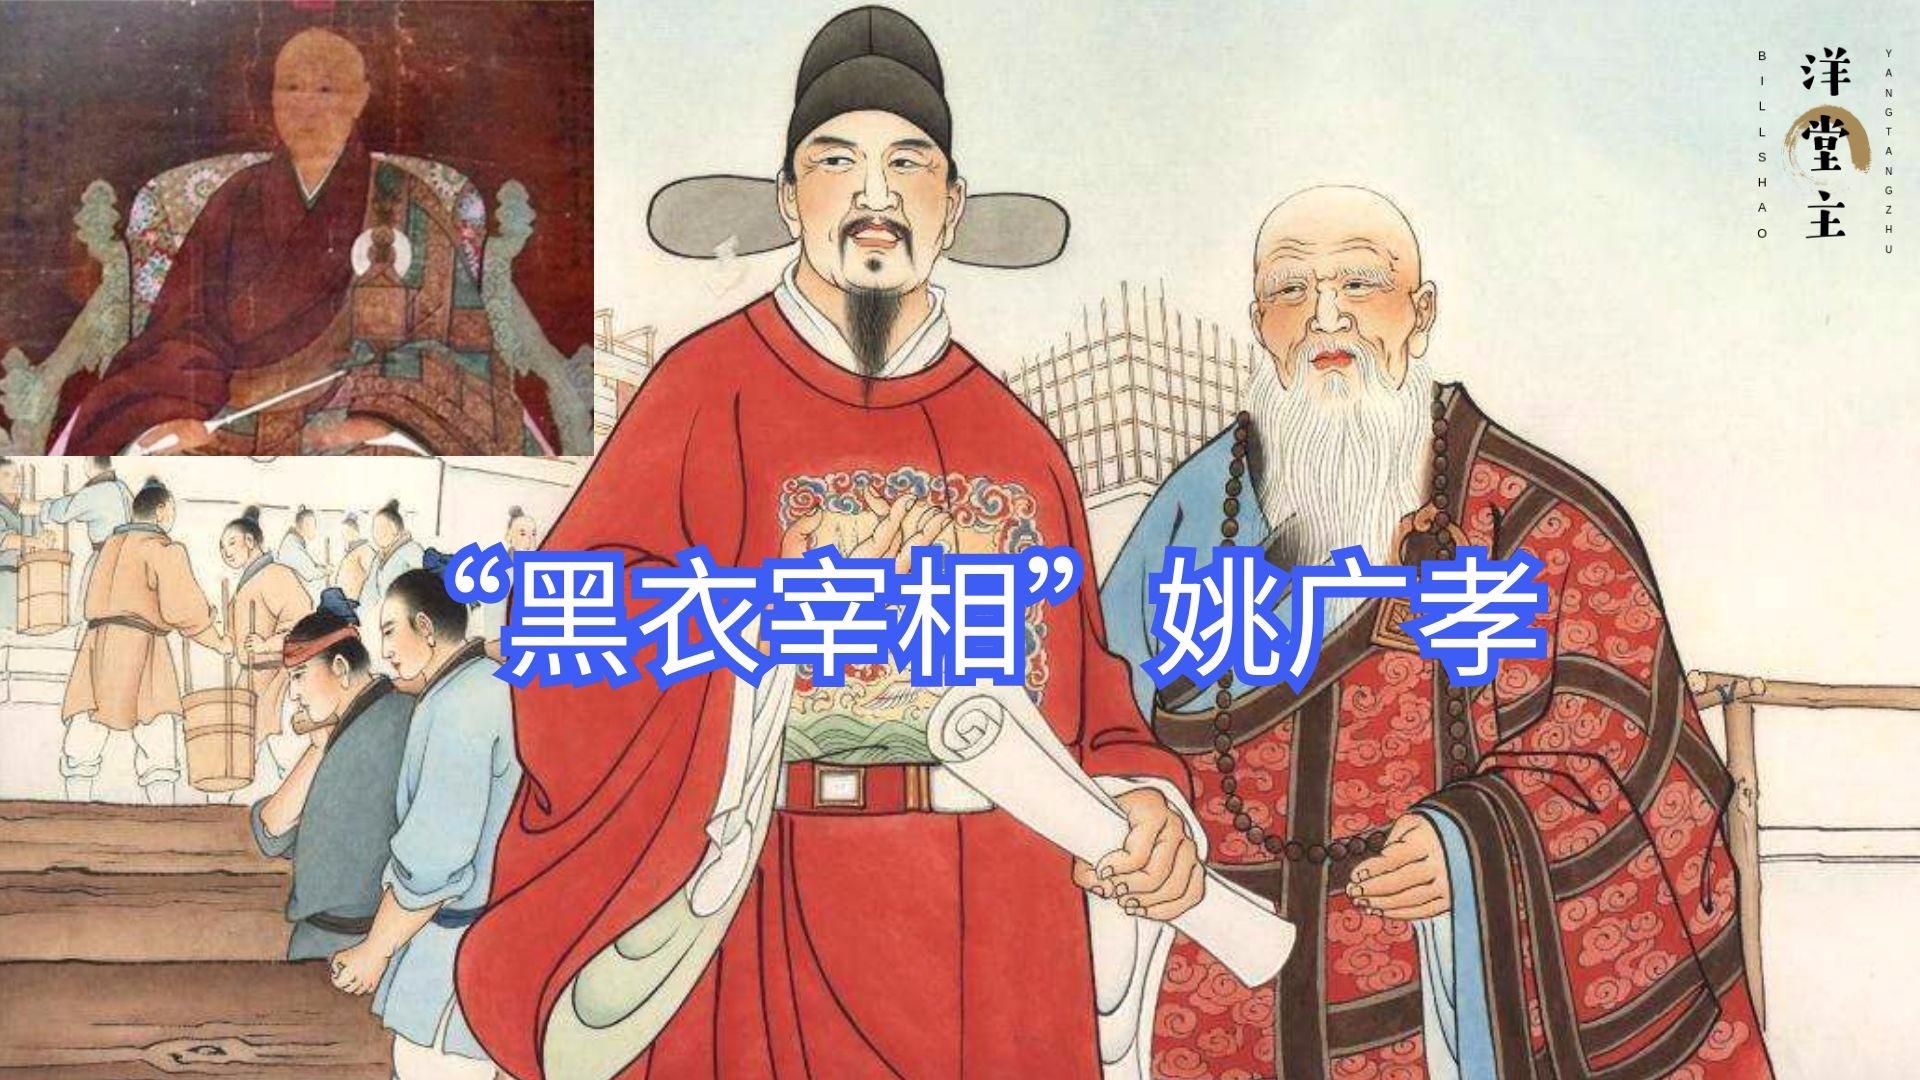 姚广孝鼓动朱棣造反,朱棣成功后他又不要名利,他图什么?